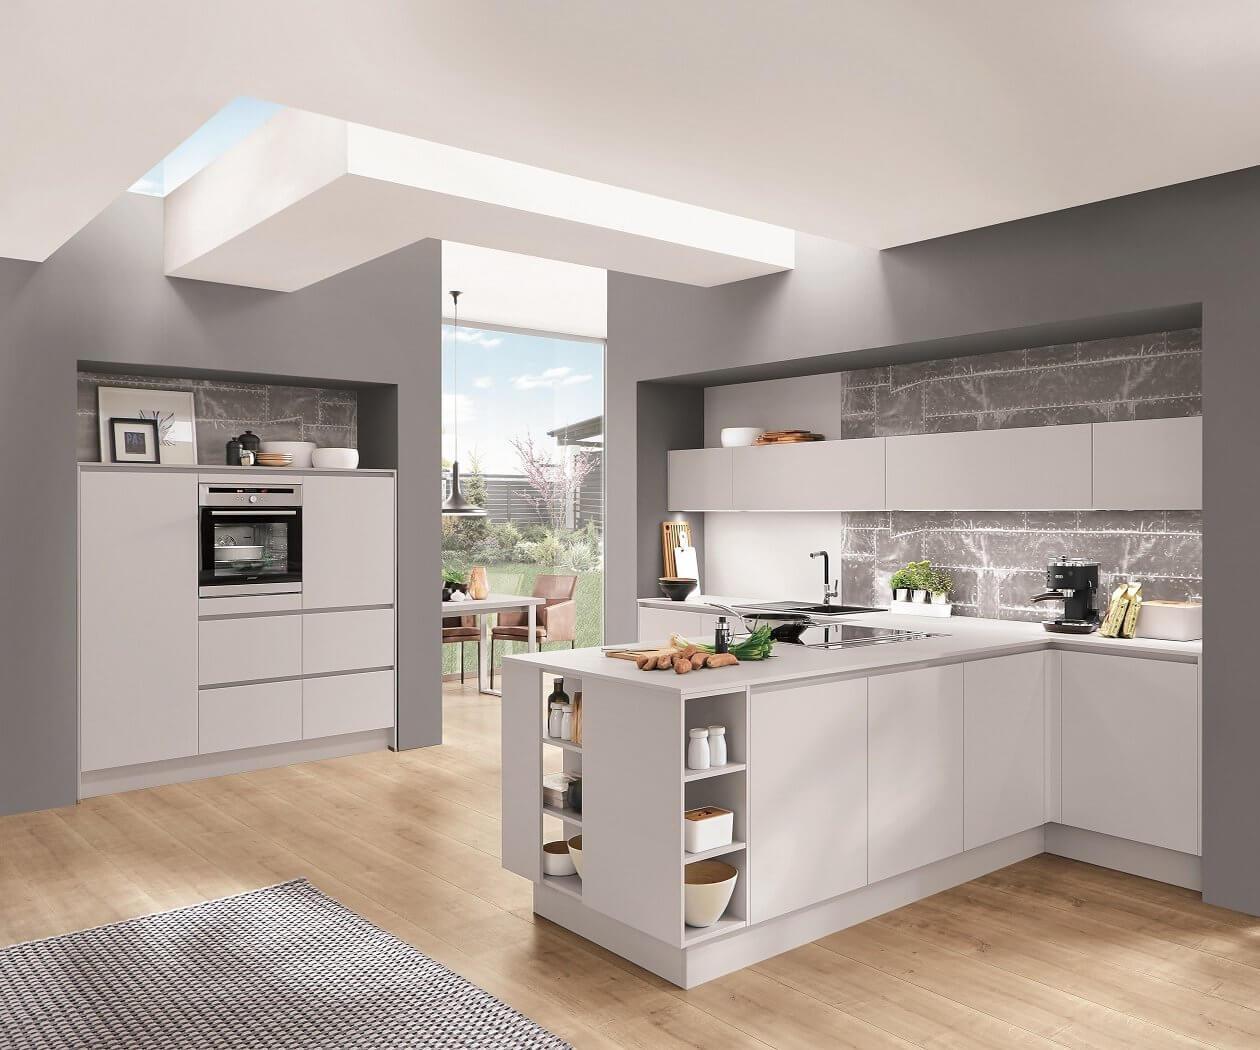 Großzügig Klassische Küchen Whitby Ontario Ideen - Ideen Für Die ...